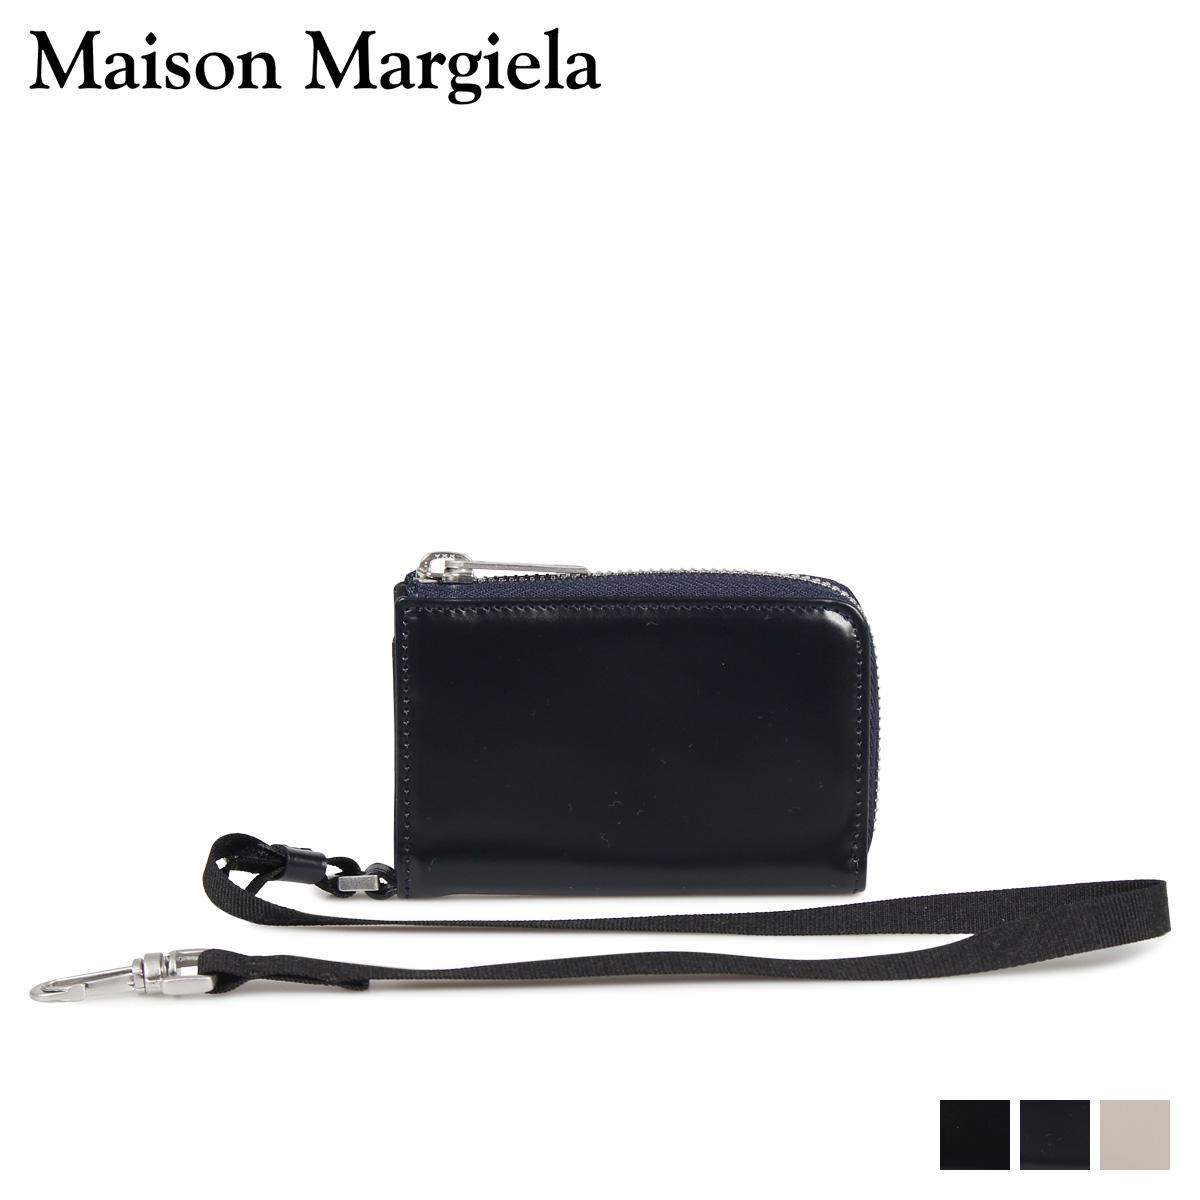 MAISON MARGIELA COIN CASE メゾンマルジェラ 財布 コインケース 小銭入れ メンズ レディース L字ファスナー レザー ブラック ダーク ネイビー ベージュ 黒 S55UI0200 P2714 [10/9 新入荷]